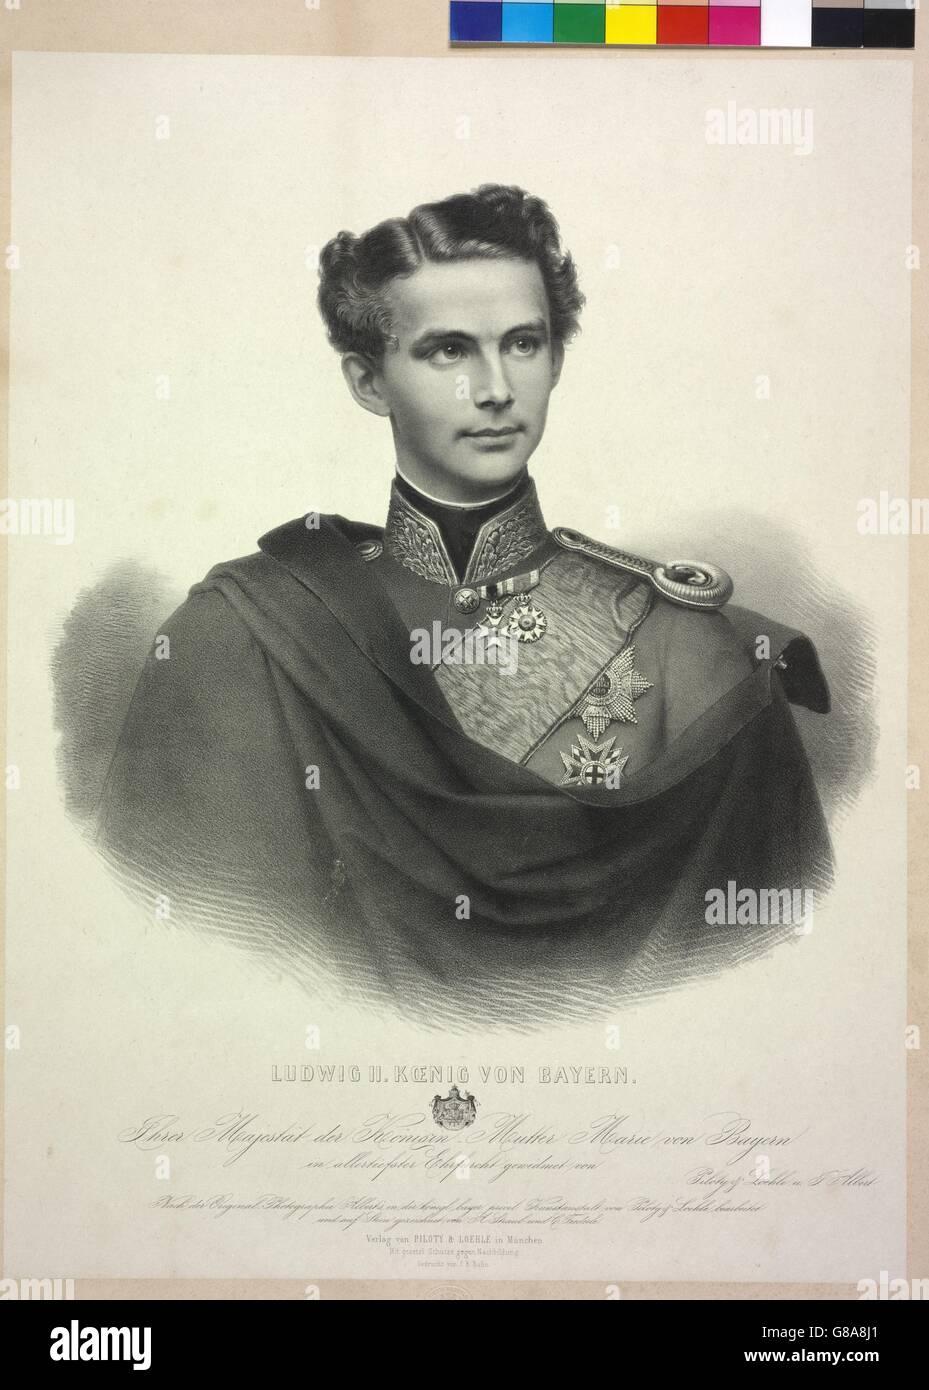 Ludwig II. Koenig von Bayern - Stock Image